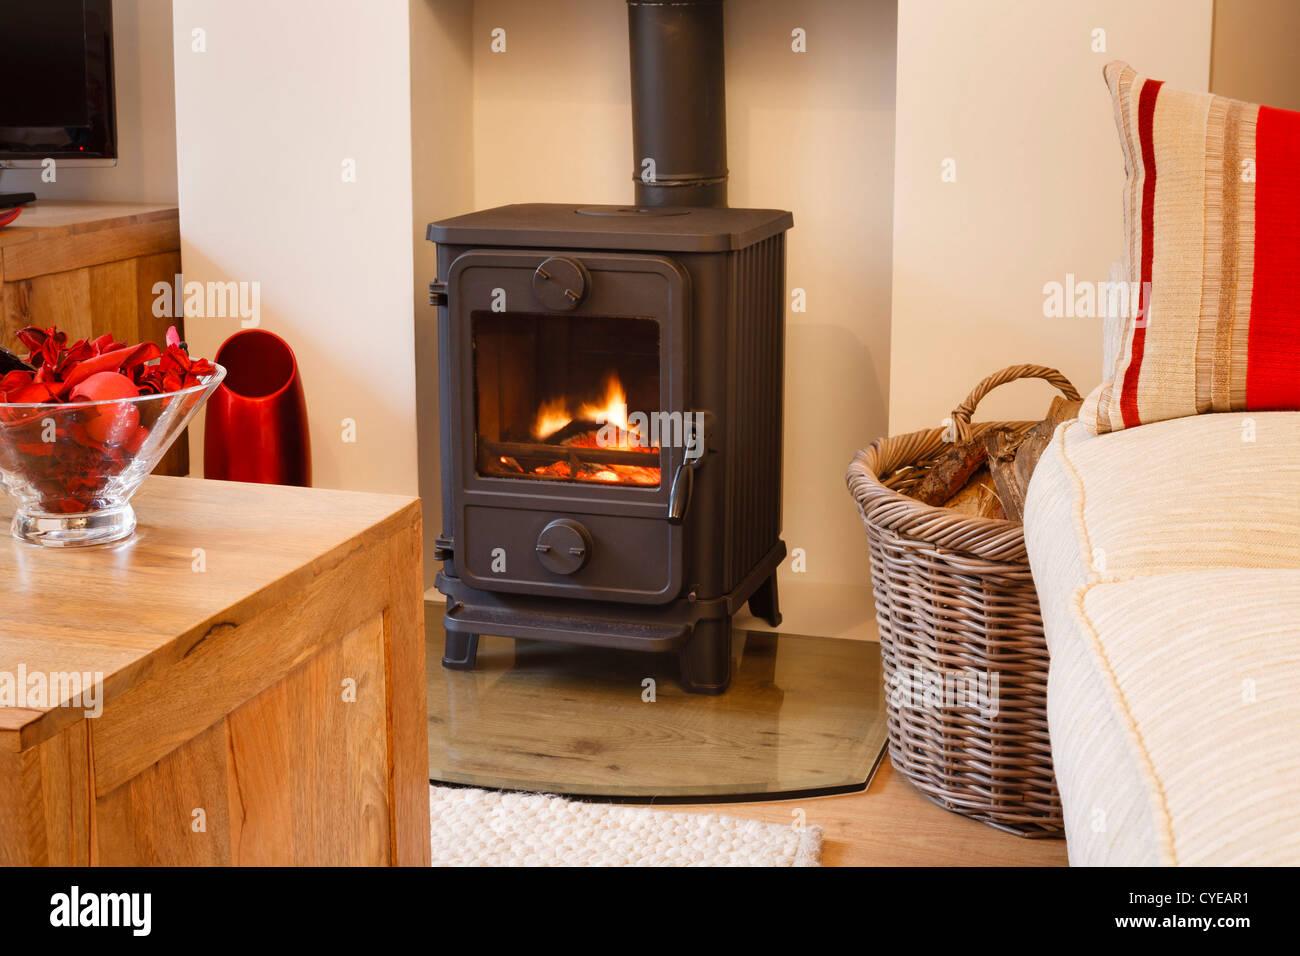 Interni moderni ed accoglienti soggiorno con bruciatore di legno Immagini Stock